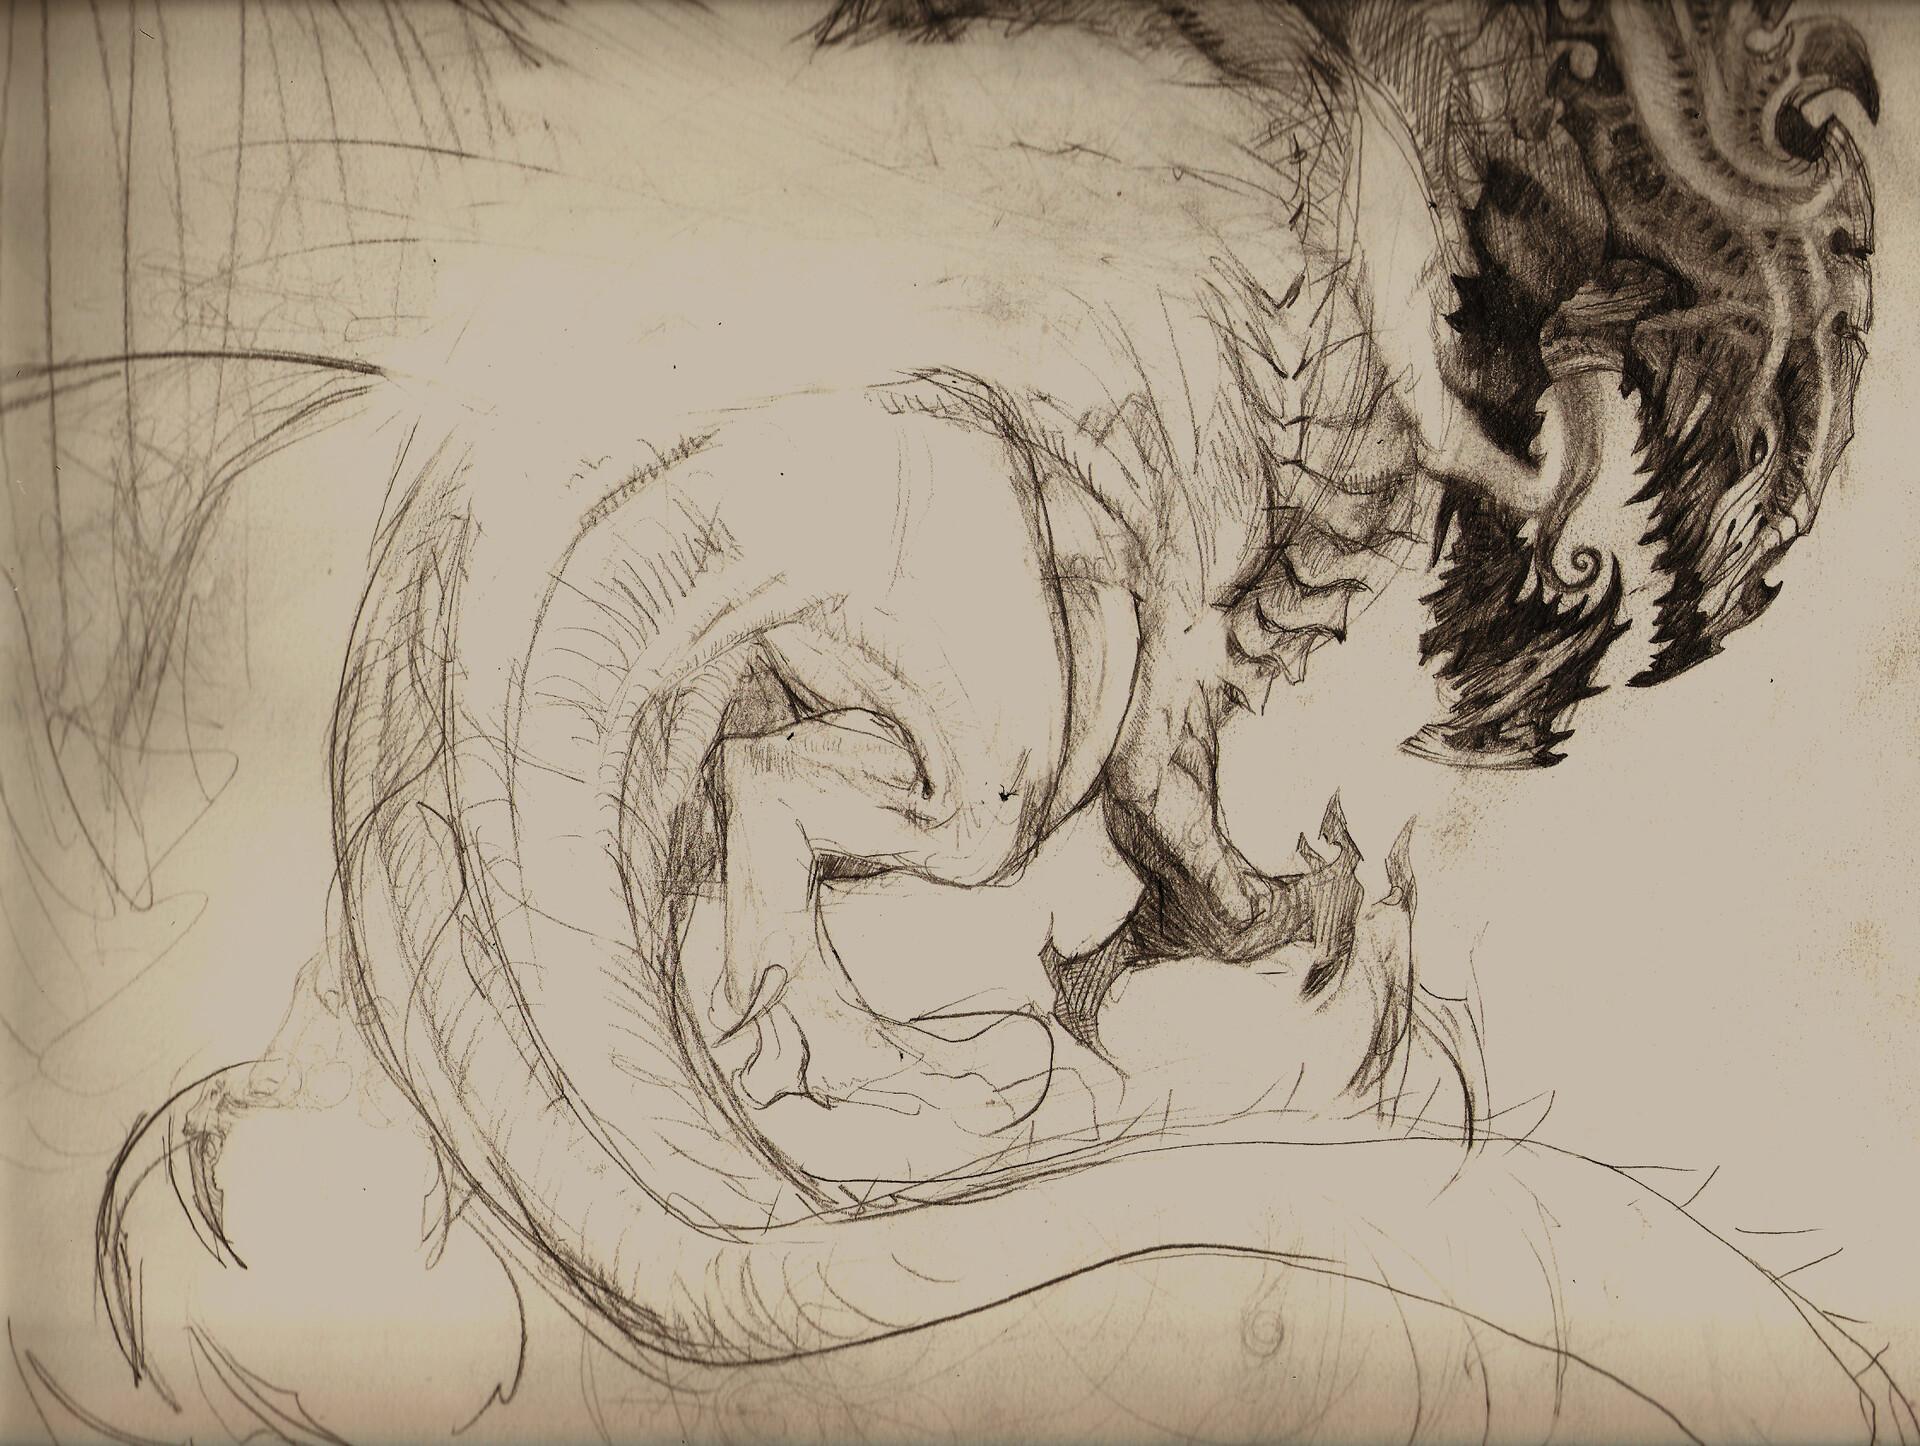 William furneaux sketch 01